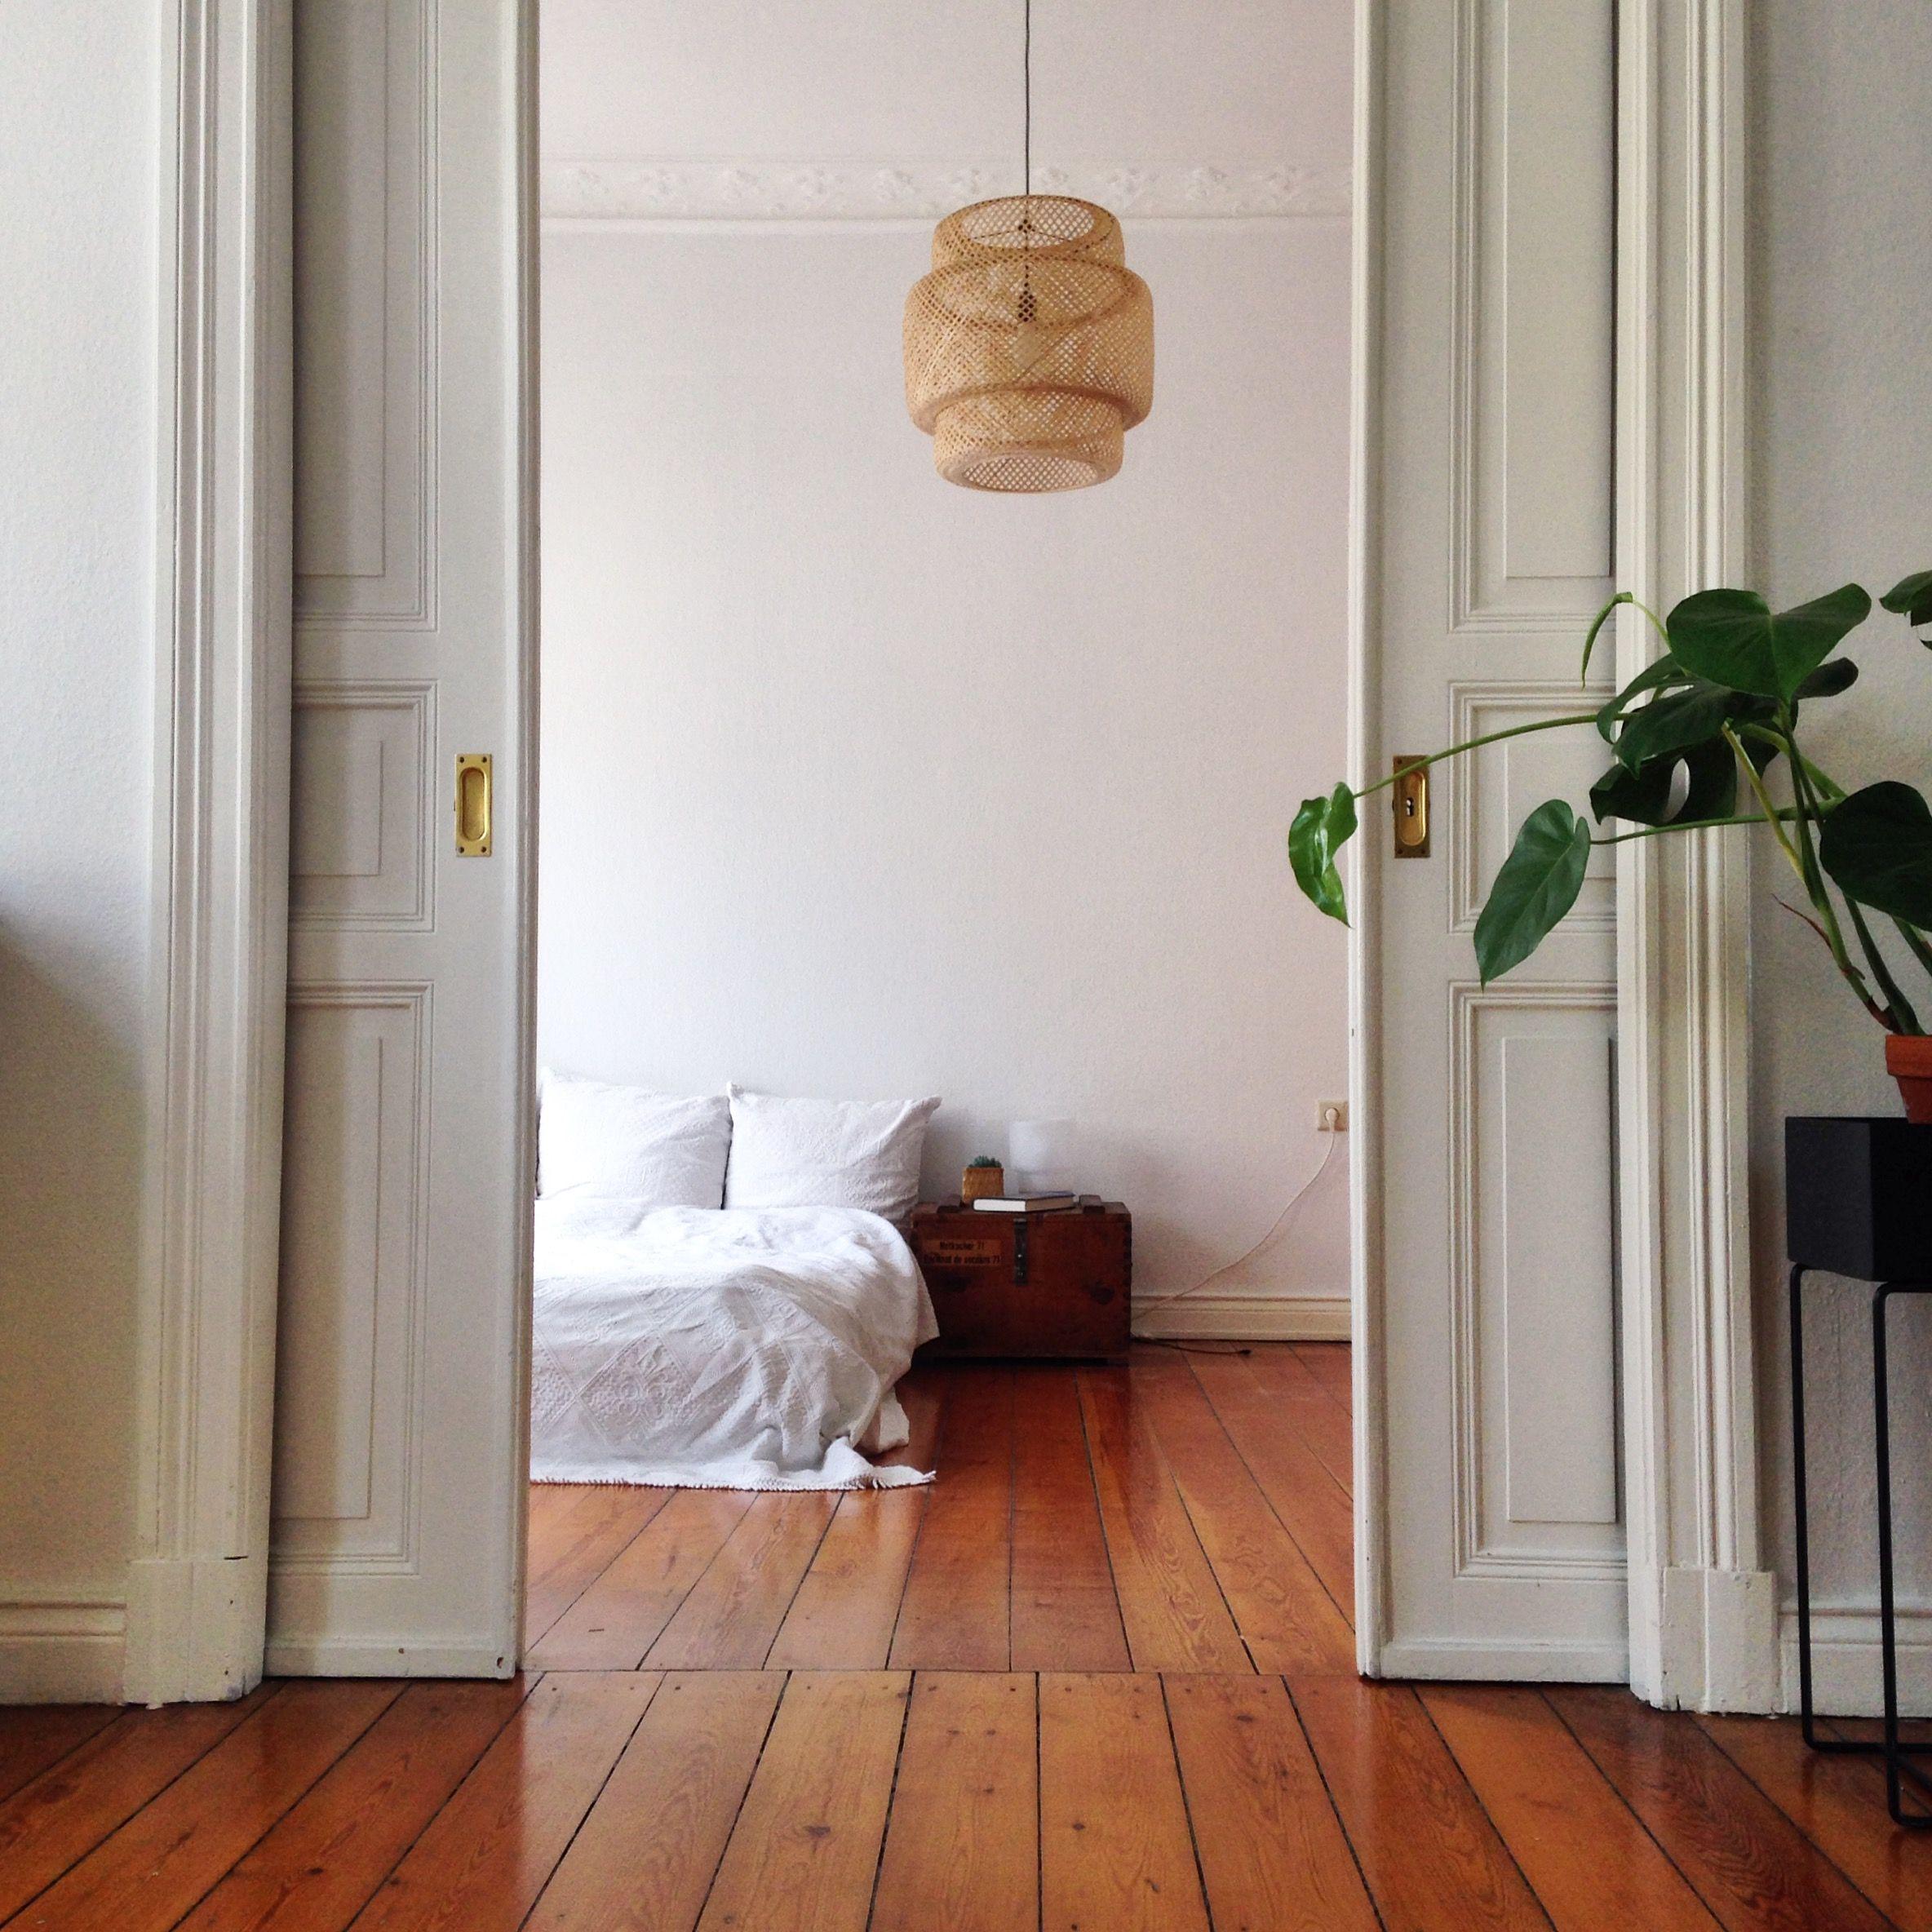 Einzigartig Traum Schlafzimmer Foto Von Ein Altbau-traum Wird Langsam Wahr. Das Bett